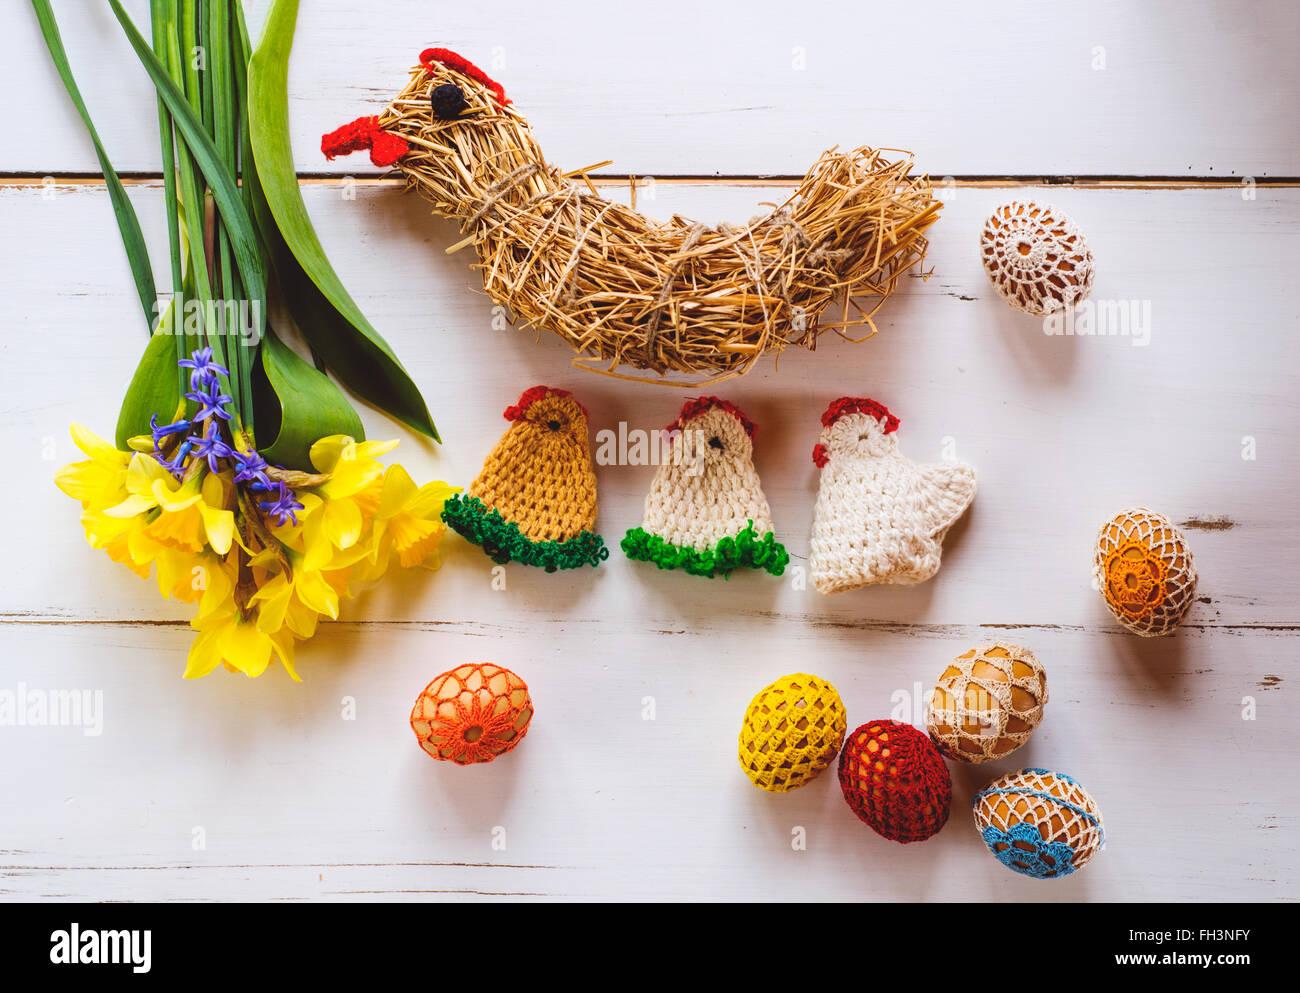 Gehäkelte Ostereier, Hühner und Narzissen, hölzernen Hintergrund Stockbild